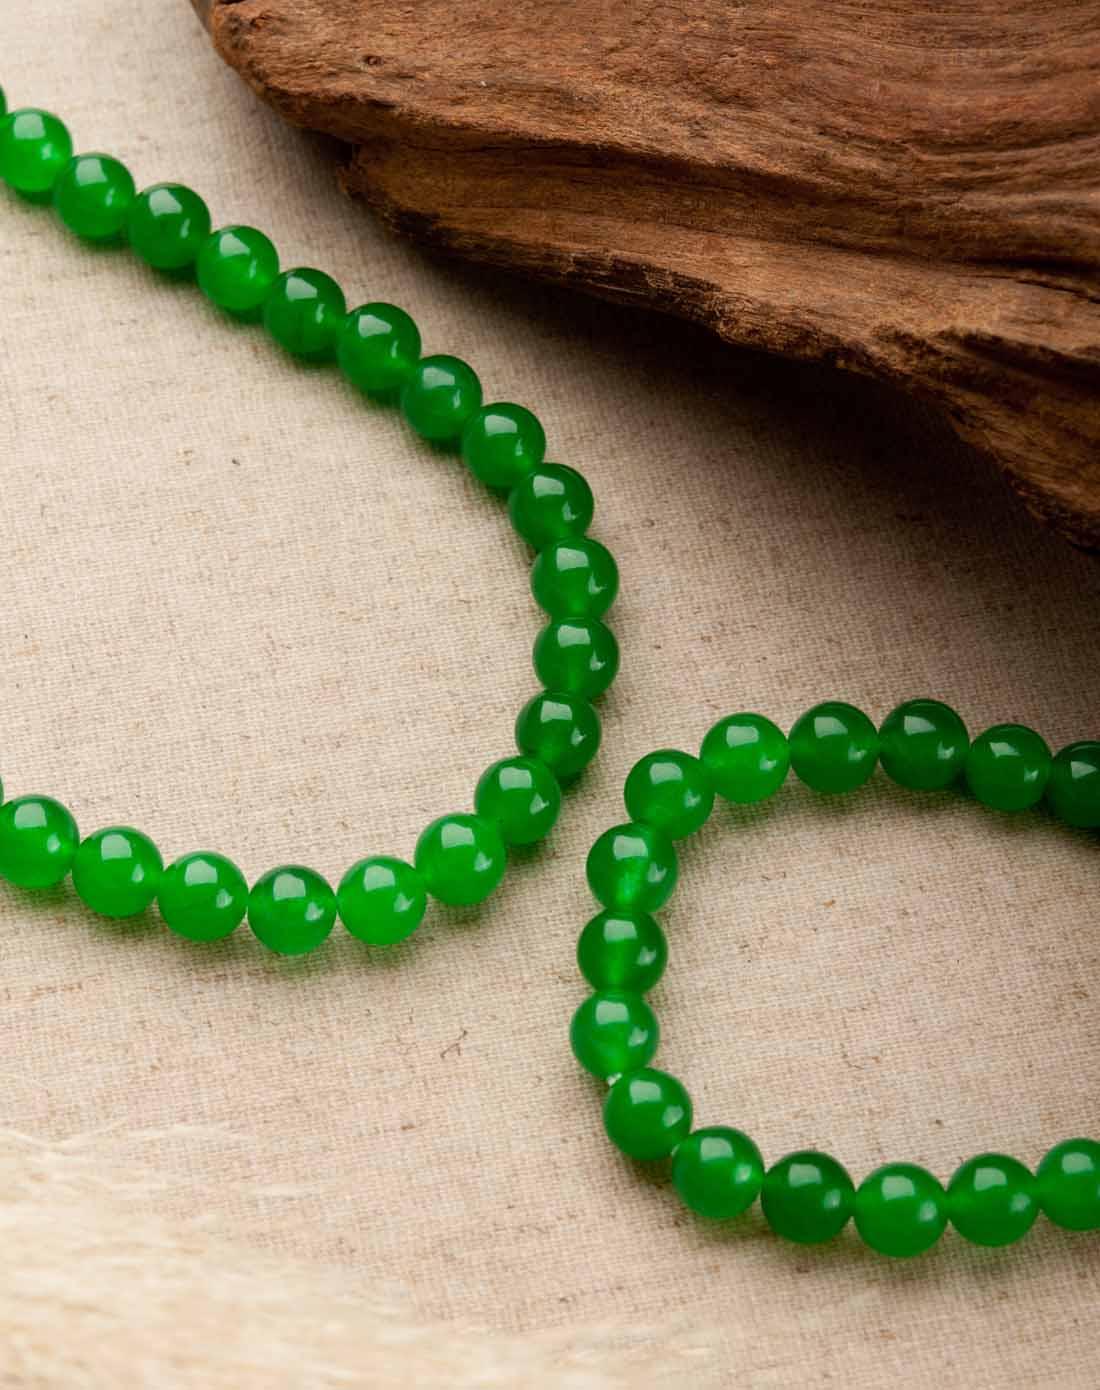 绿色台湾玉项链/手链